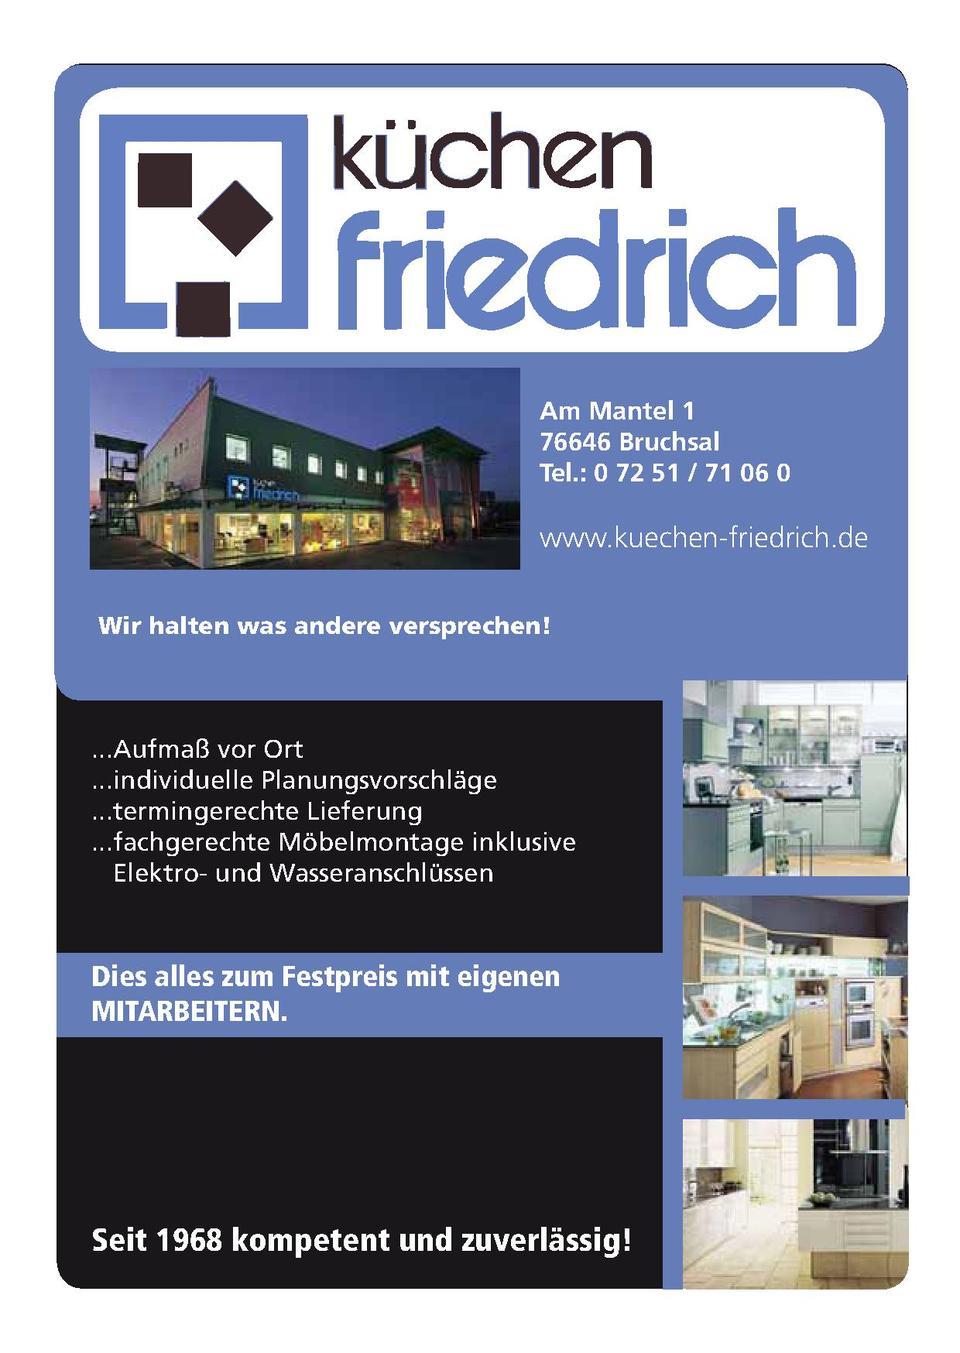 Küchen Friedrich Bruchsal gc bruchsal birdiebook simplebooklet com